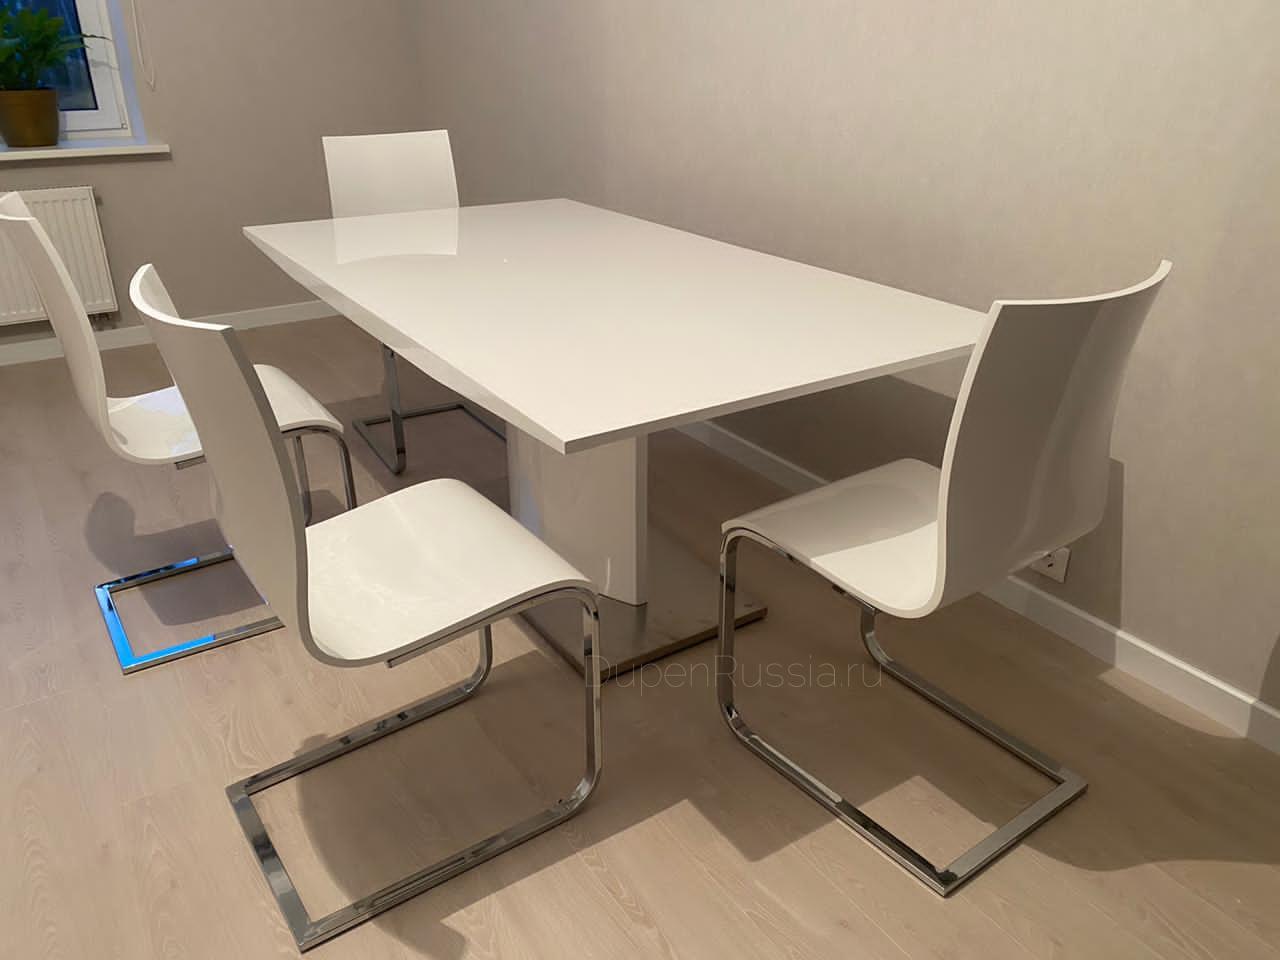 Обеденный стол DUPEN (Дюпен) DT-01 белый и стулья СН-1003